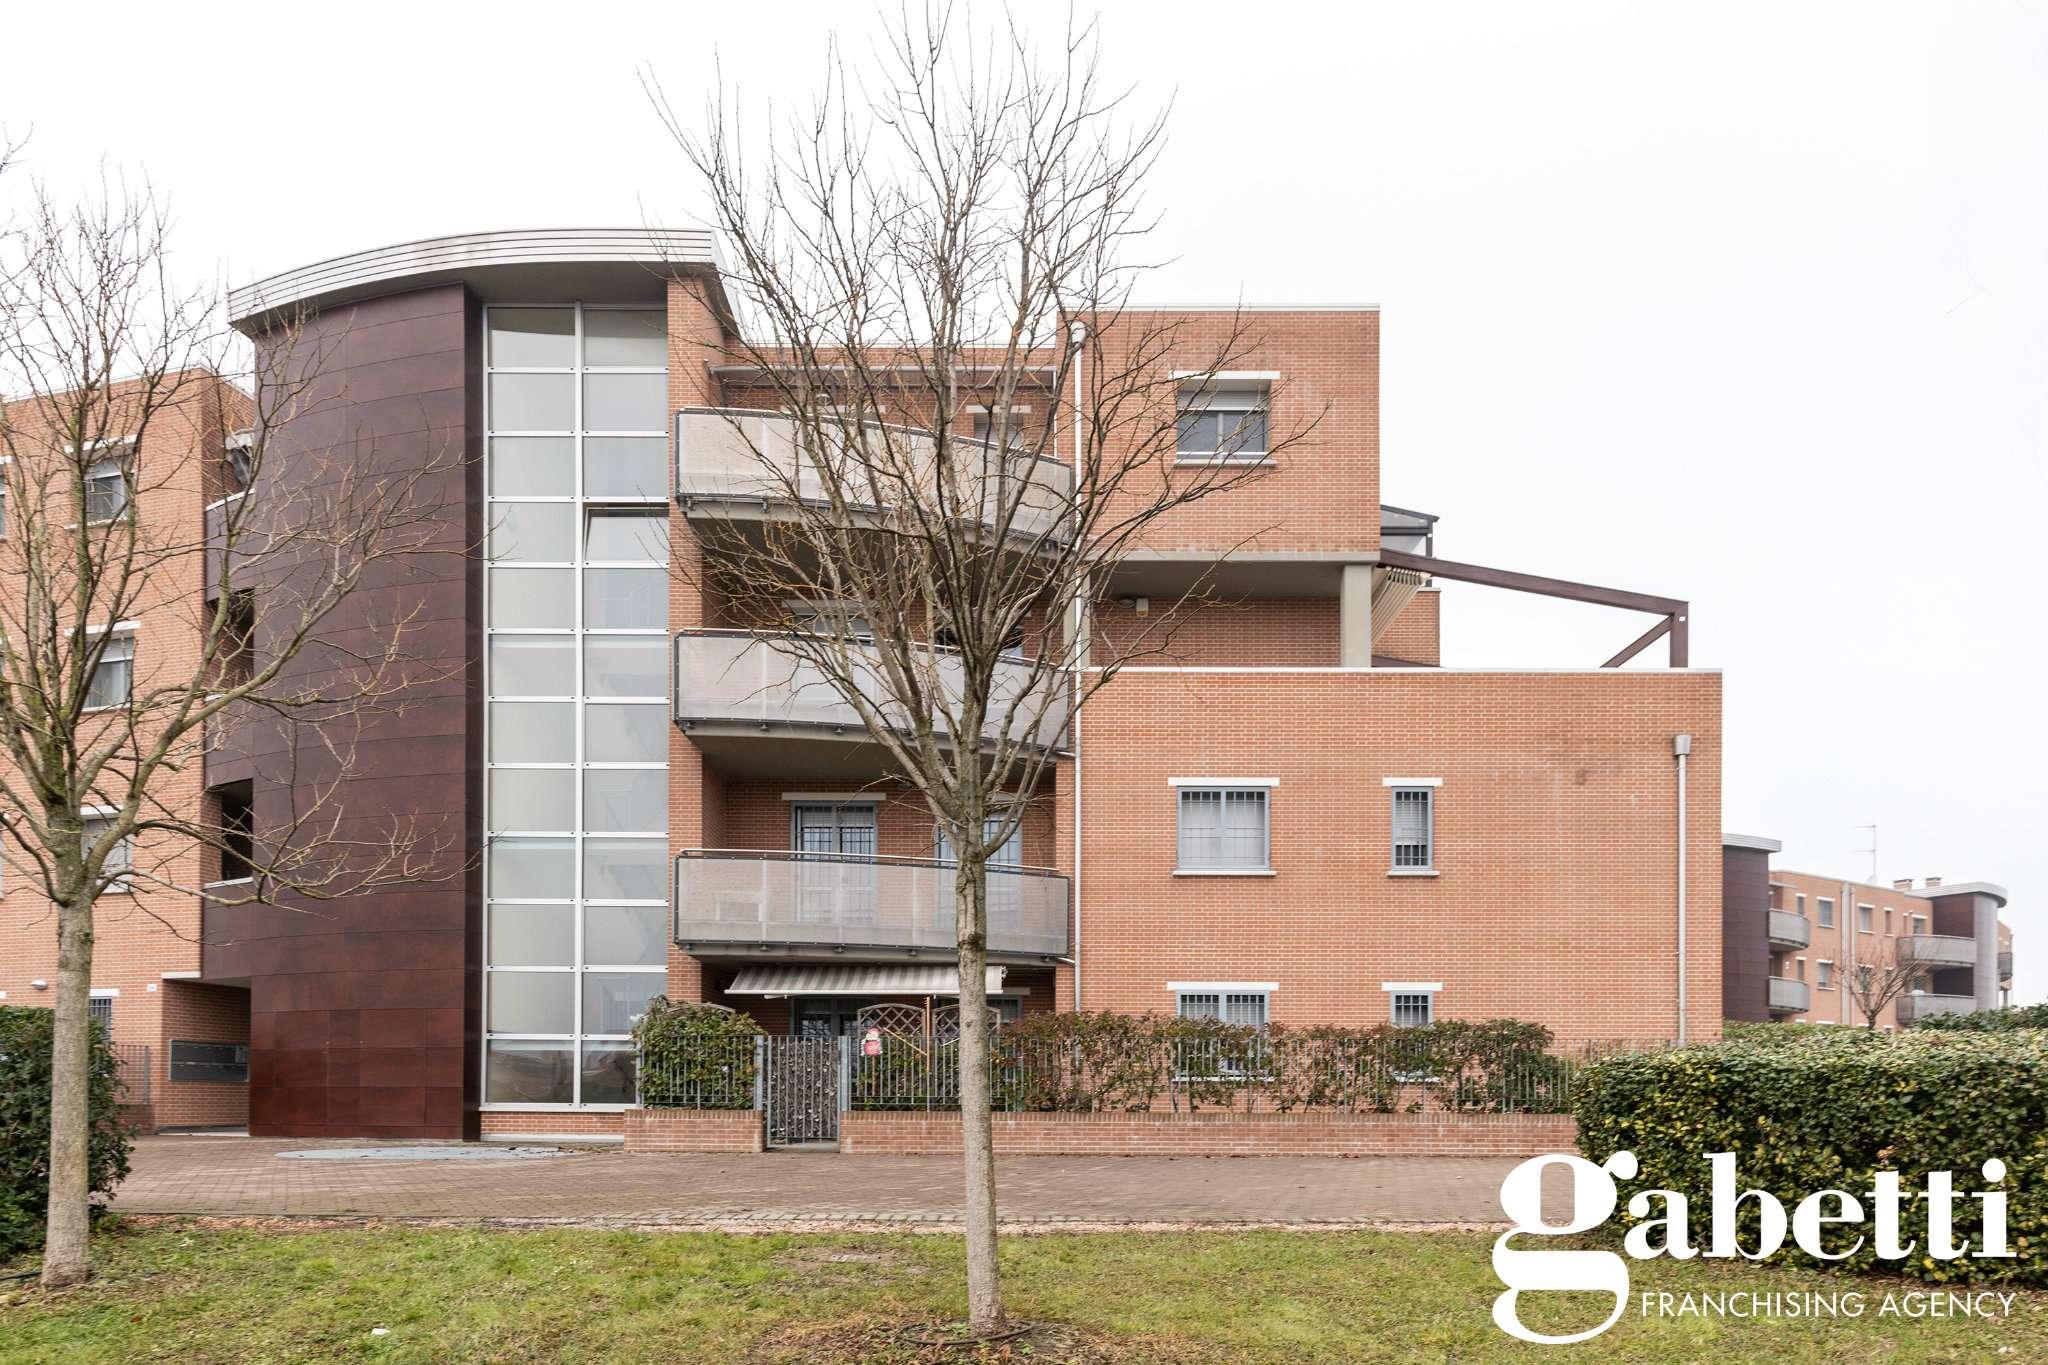 Appartamento in vendita a Castel Maggiore, 4 locali, prezzo € 520.000 | CambioCasa.it